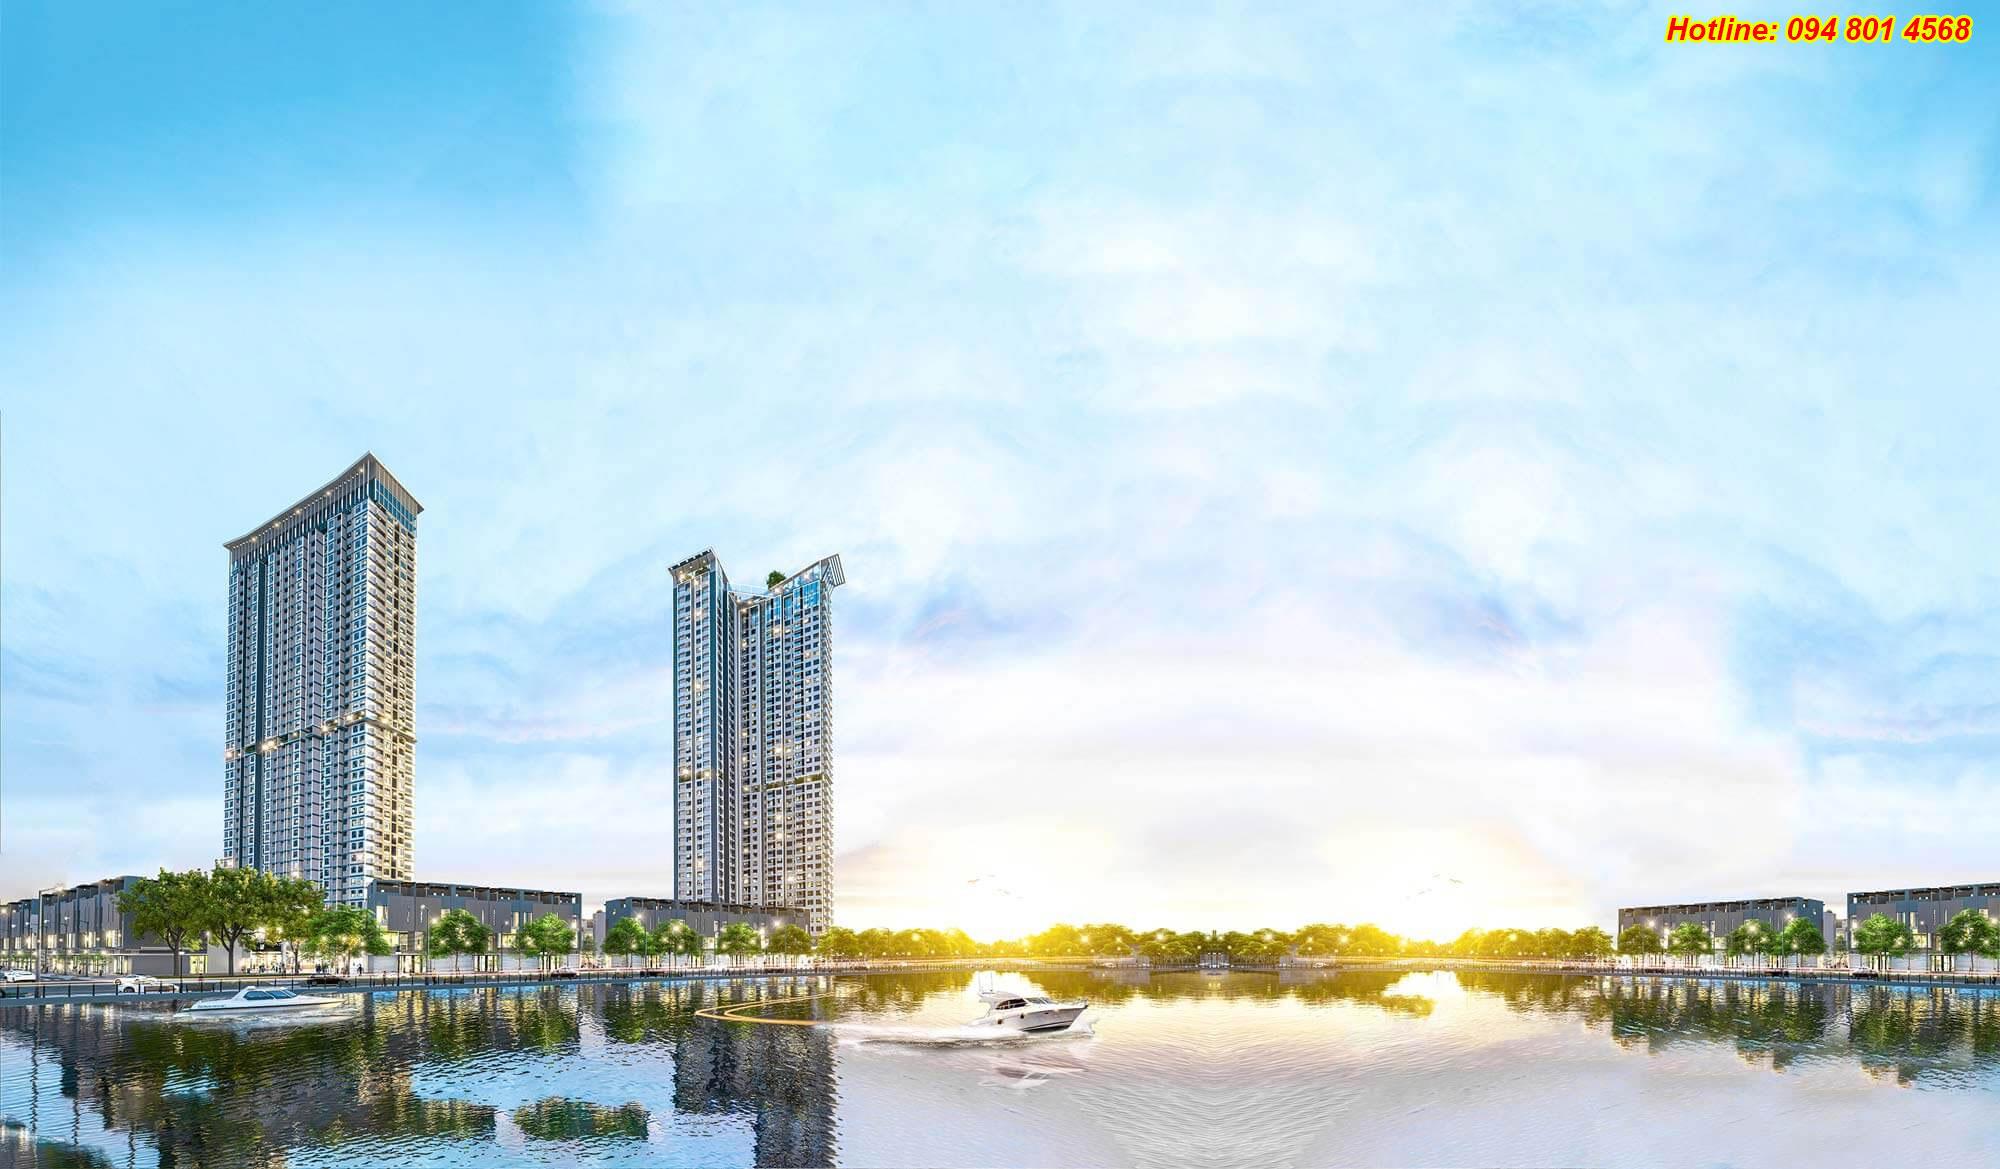 Tổng hợp giá bán chung cư Ecopark năm 2021